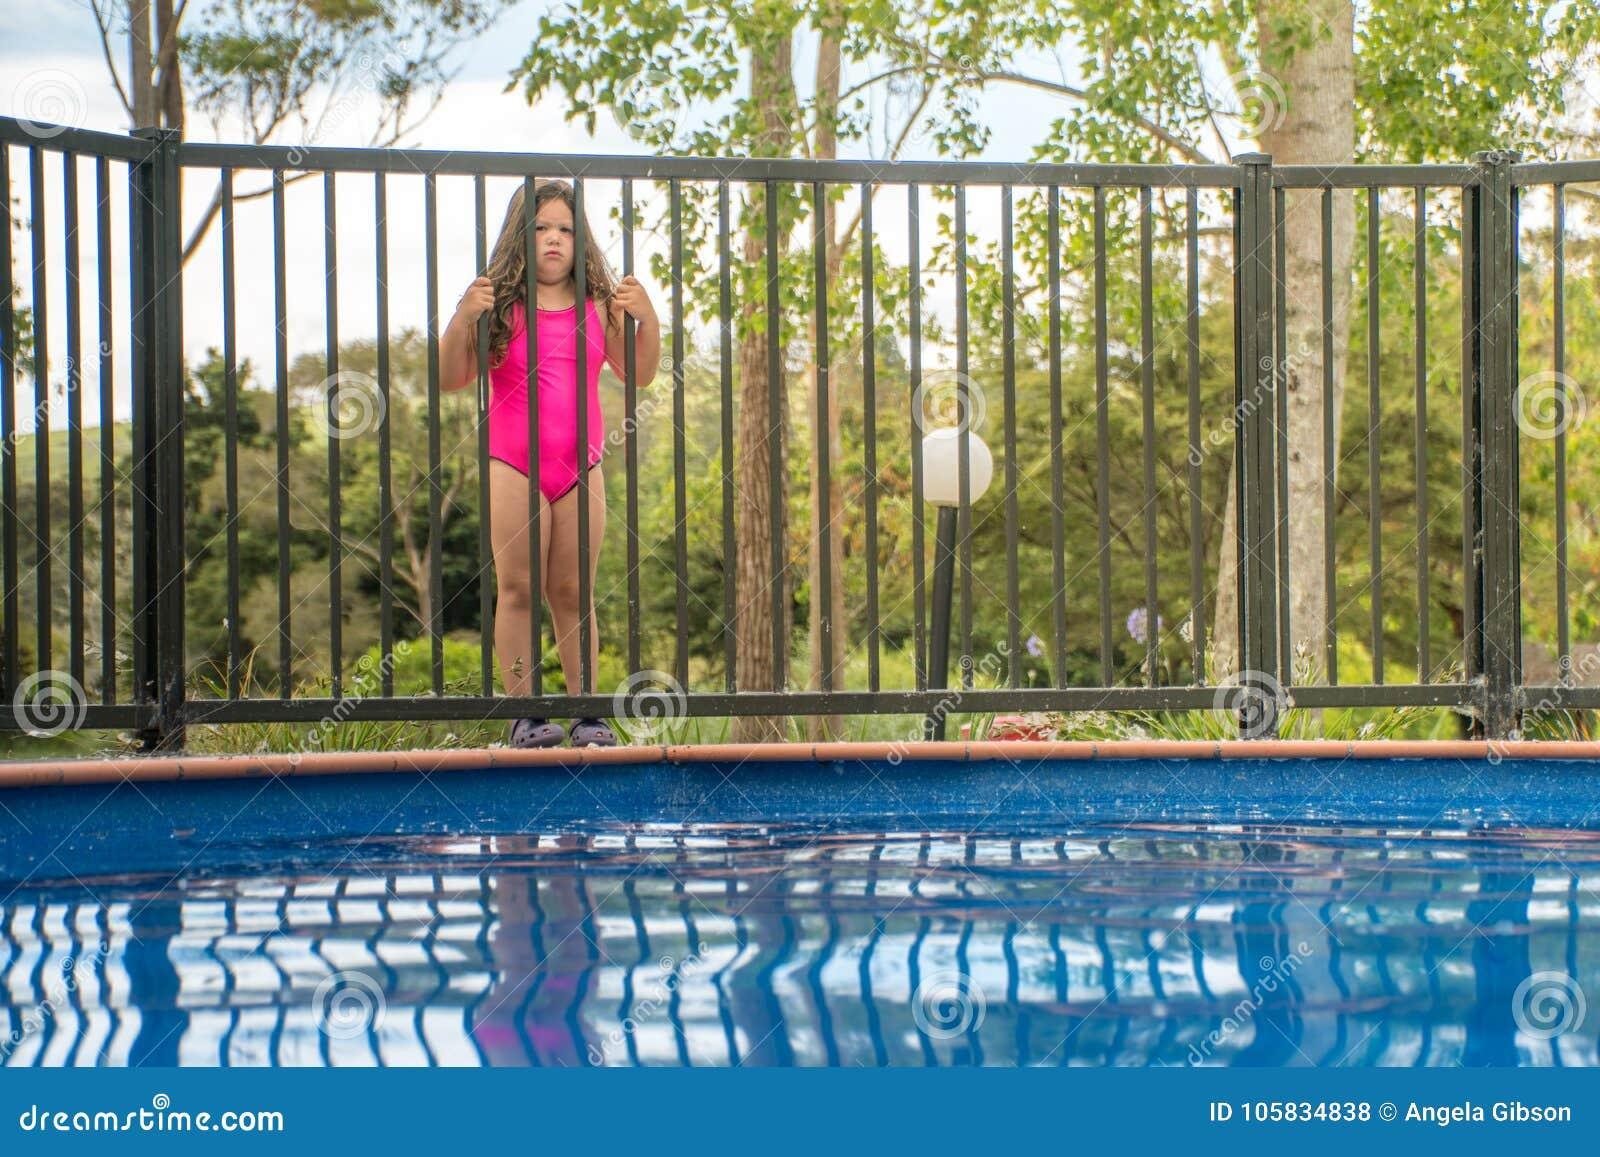 Segurança da associação - menina fora da cerca